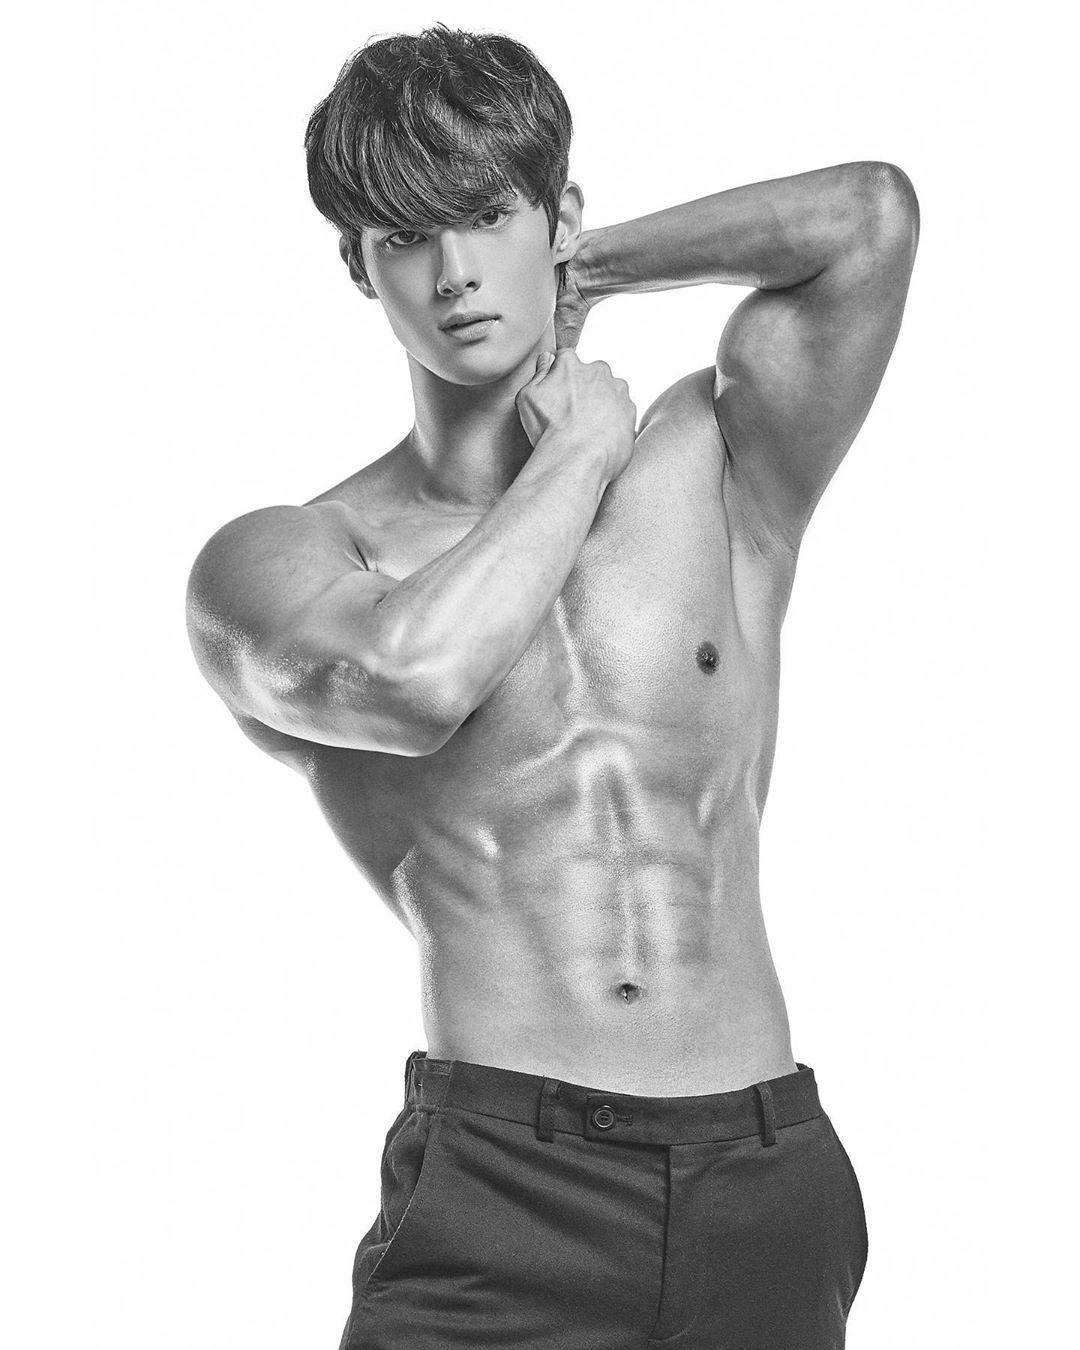 韓國歐巴「直播唸書」帥到狂吸42萬粉 他曬「古銅肌肉照」所有人都尖叫!